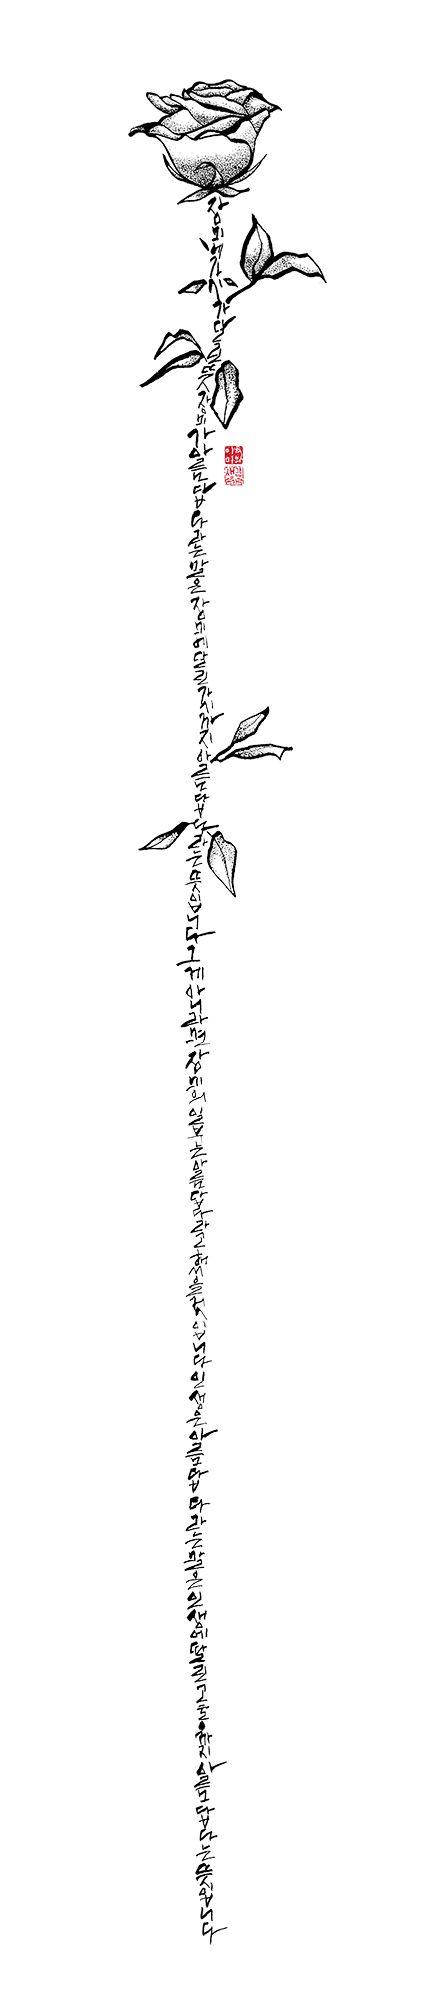 calligraphy_장미에 가시가 달린 뜻. 장미는 아름답다, 라는 말은 장미에 달린 가시까지 아름답다는 뜻입니다. 그게 아니라면 장미의 일부는 아름답다, 라고 했을 것입니다. 인생은 아름답다, 라는 말은 인생에 딸린 고통까지 아름답다는 뜻입니다_머리를 9하라<정철>